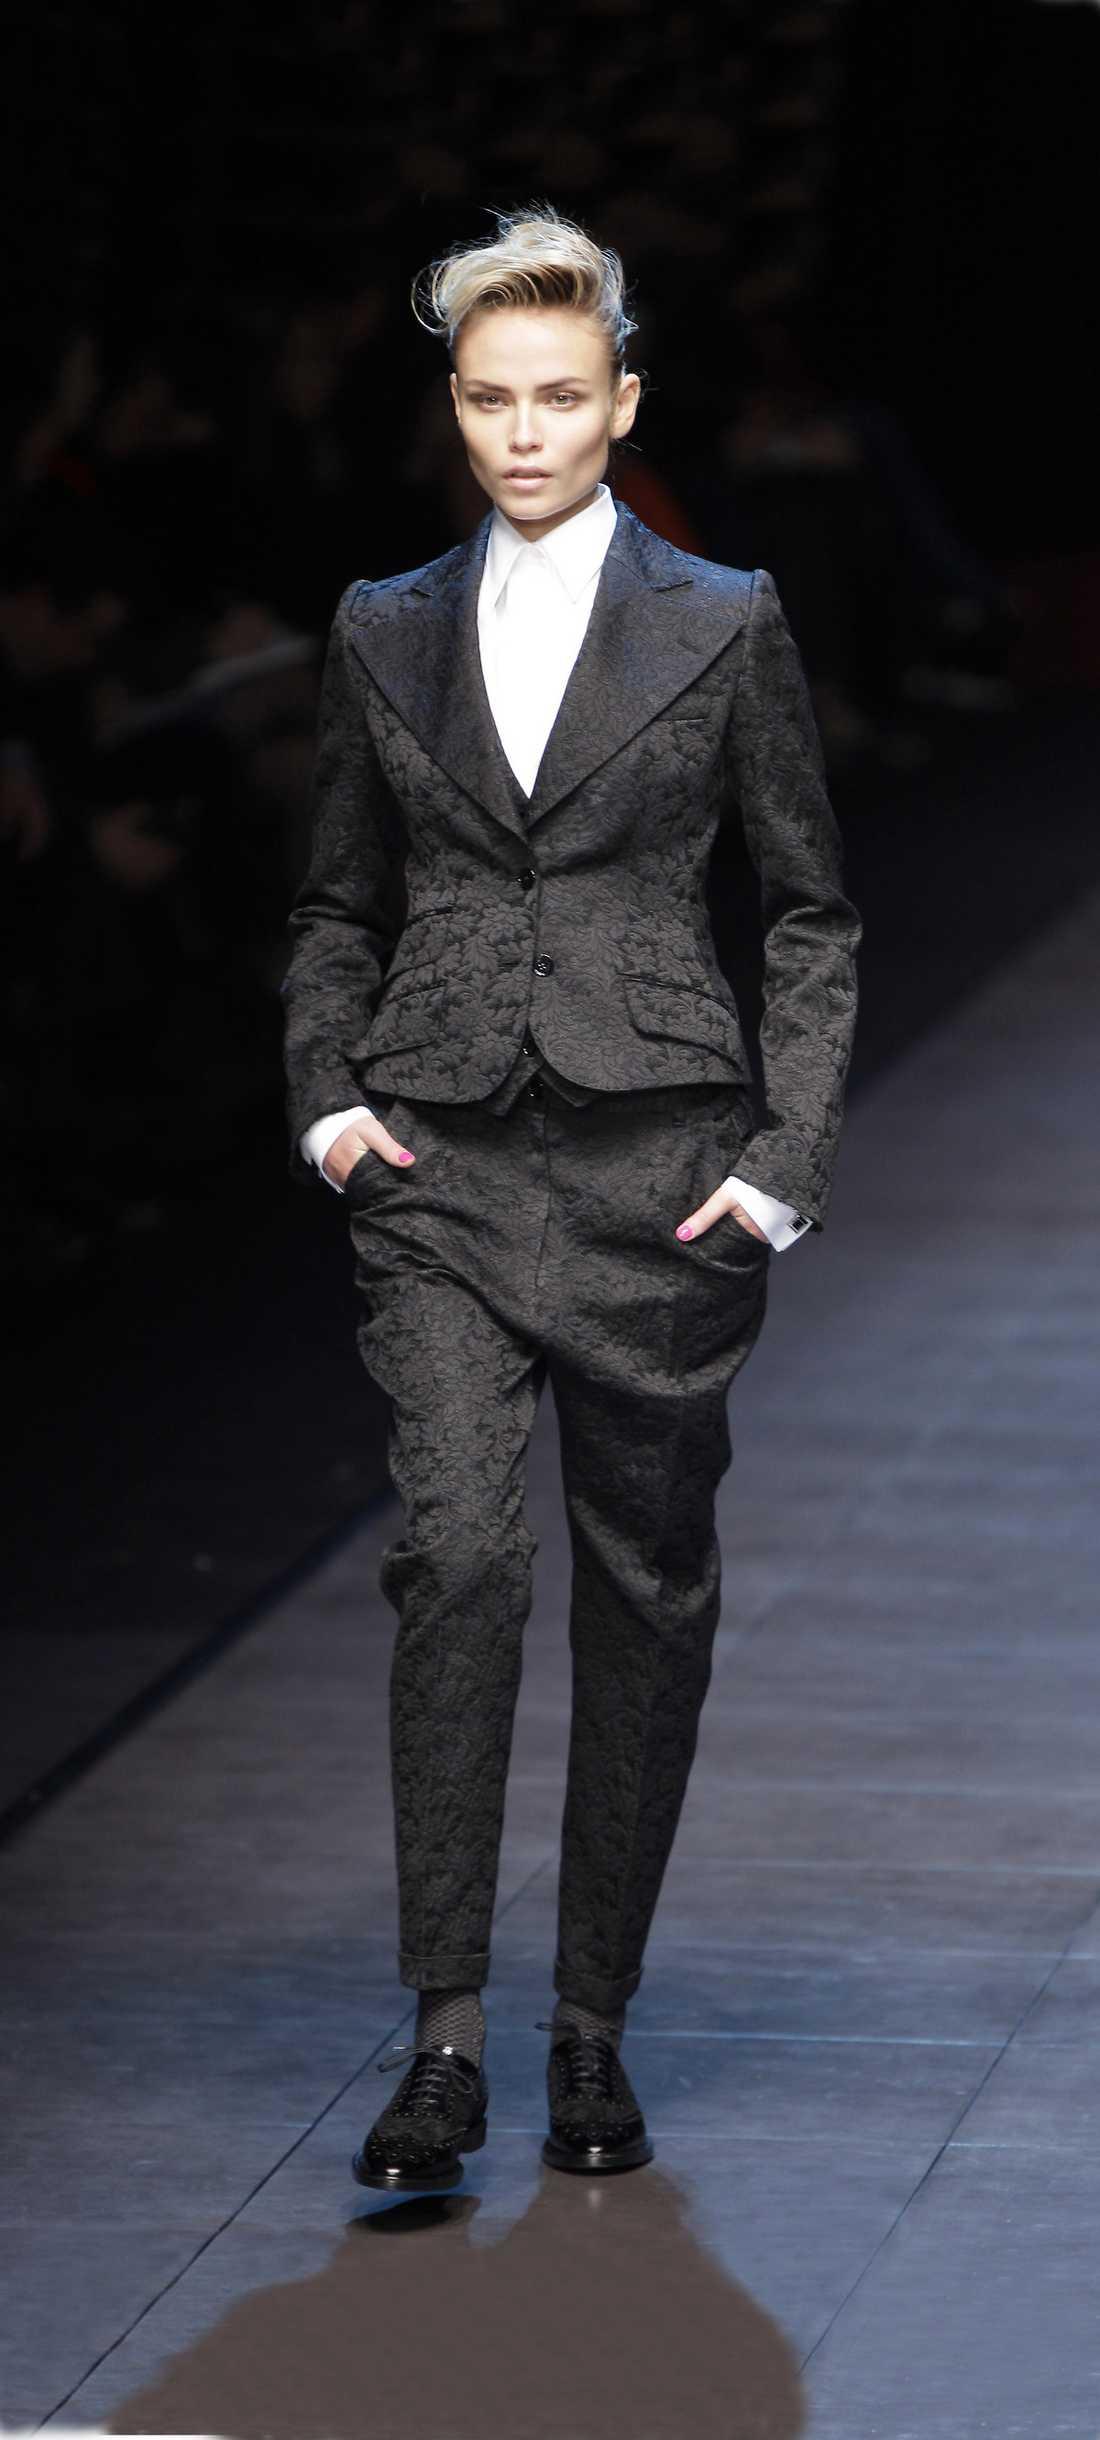 Maskulint Dolce & Gabbana.